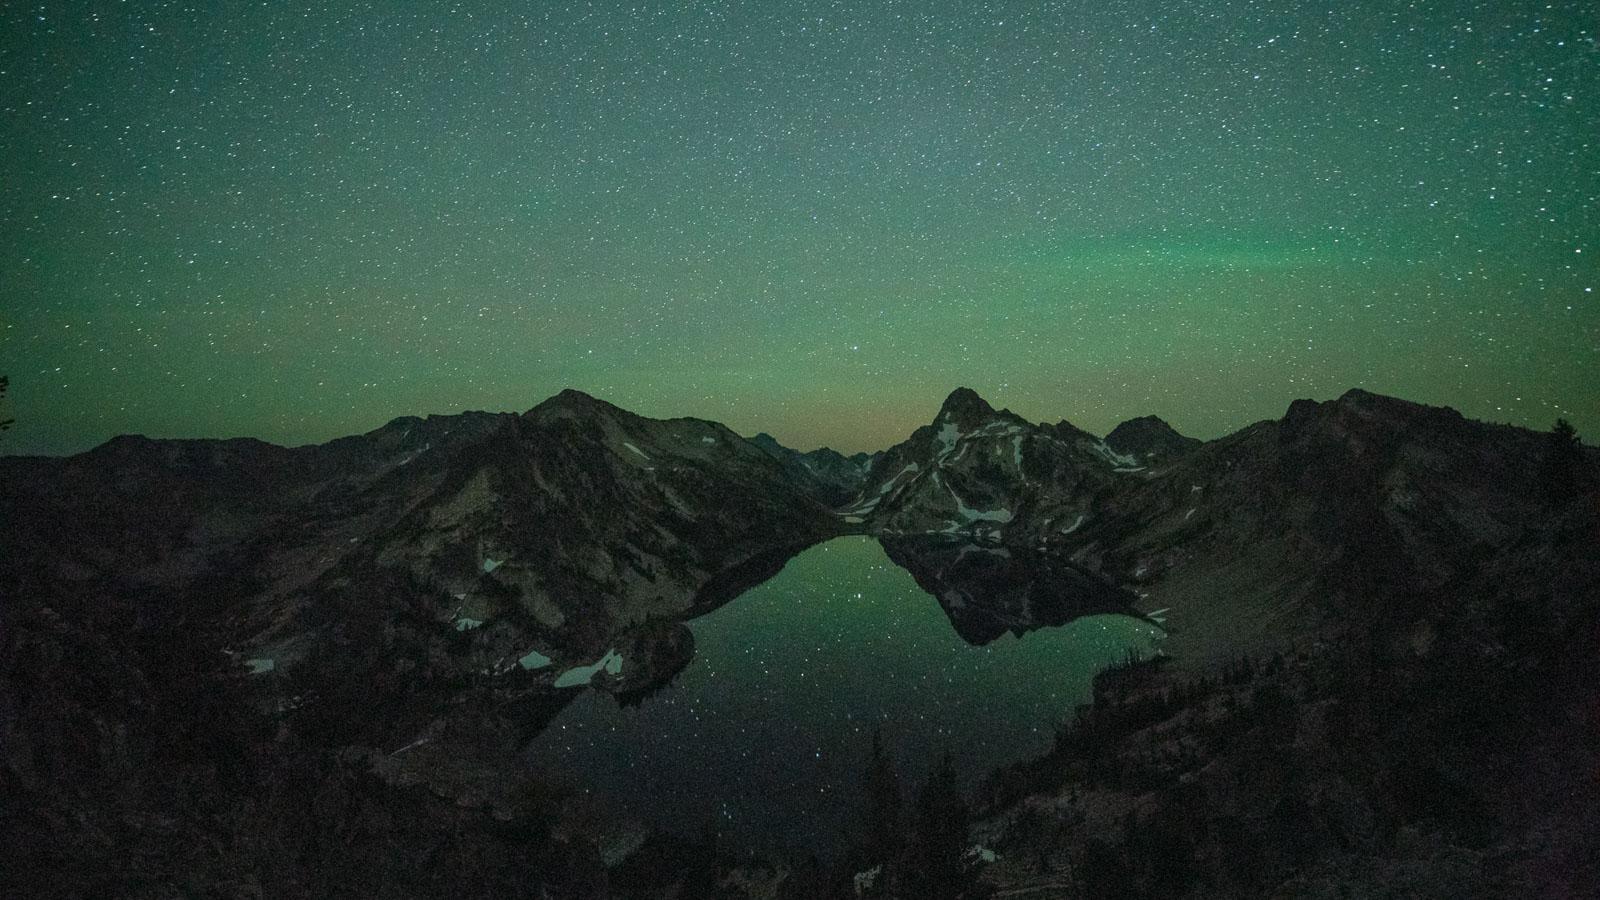 mirrorless night photo tips